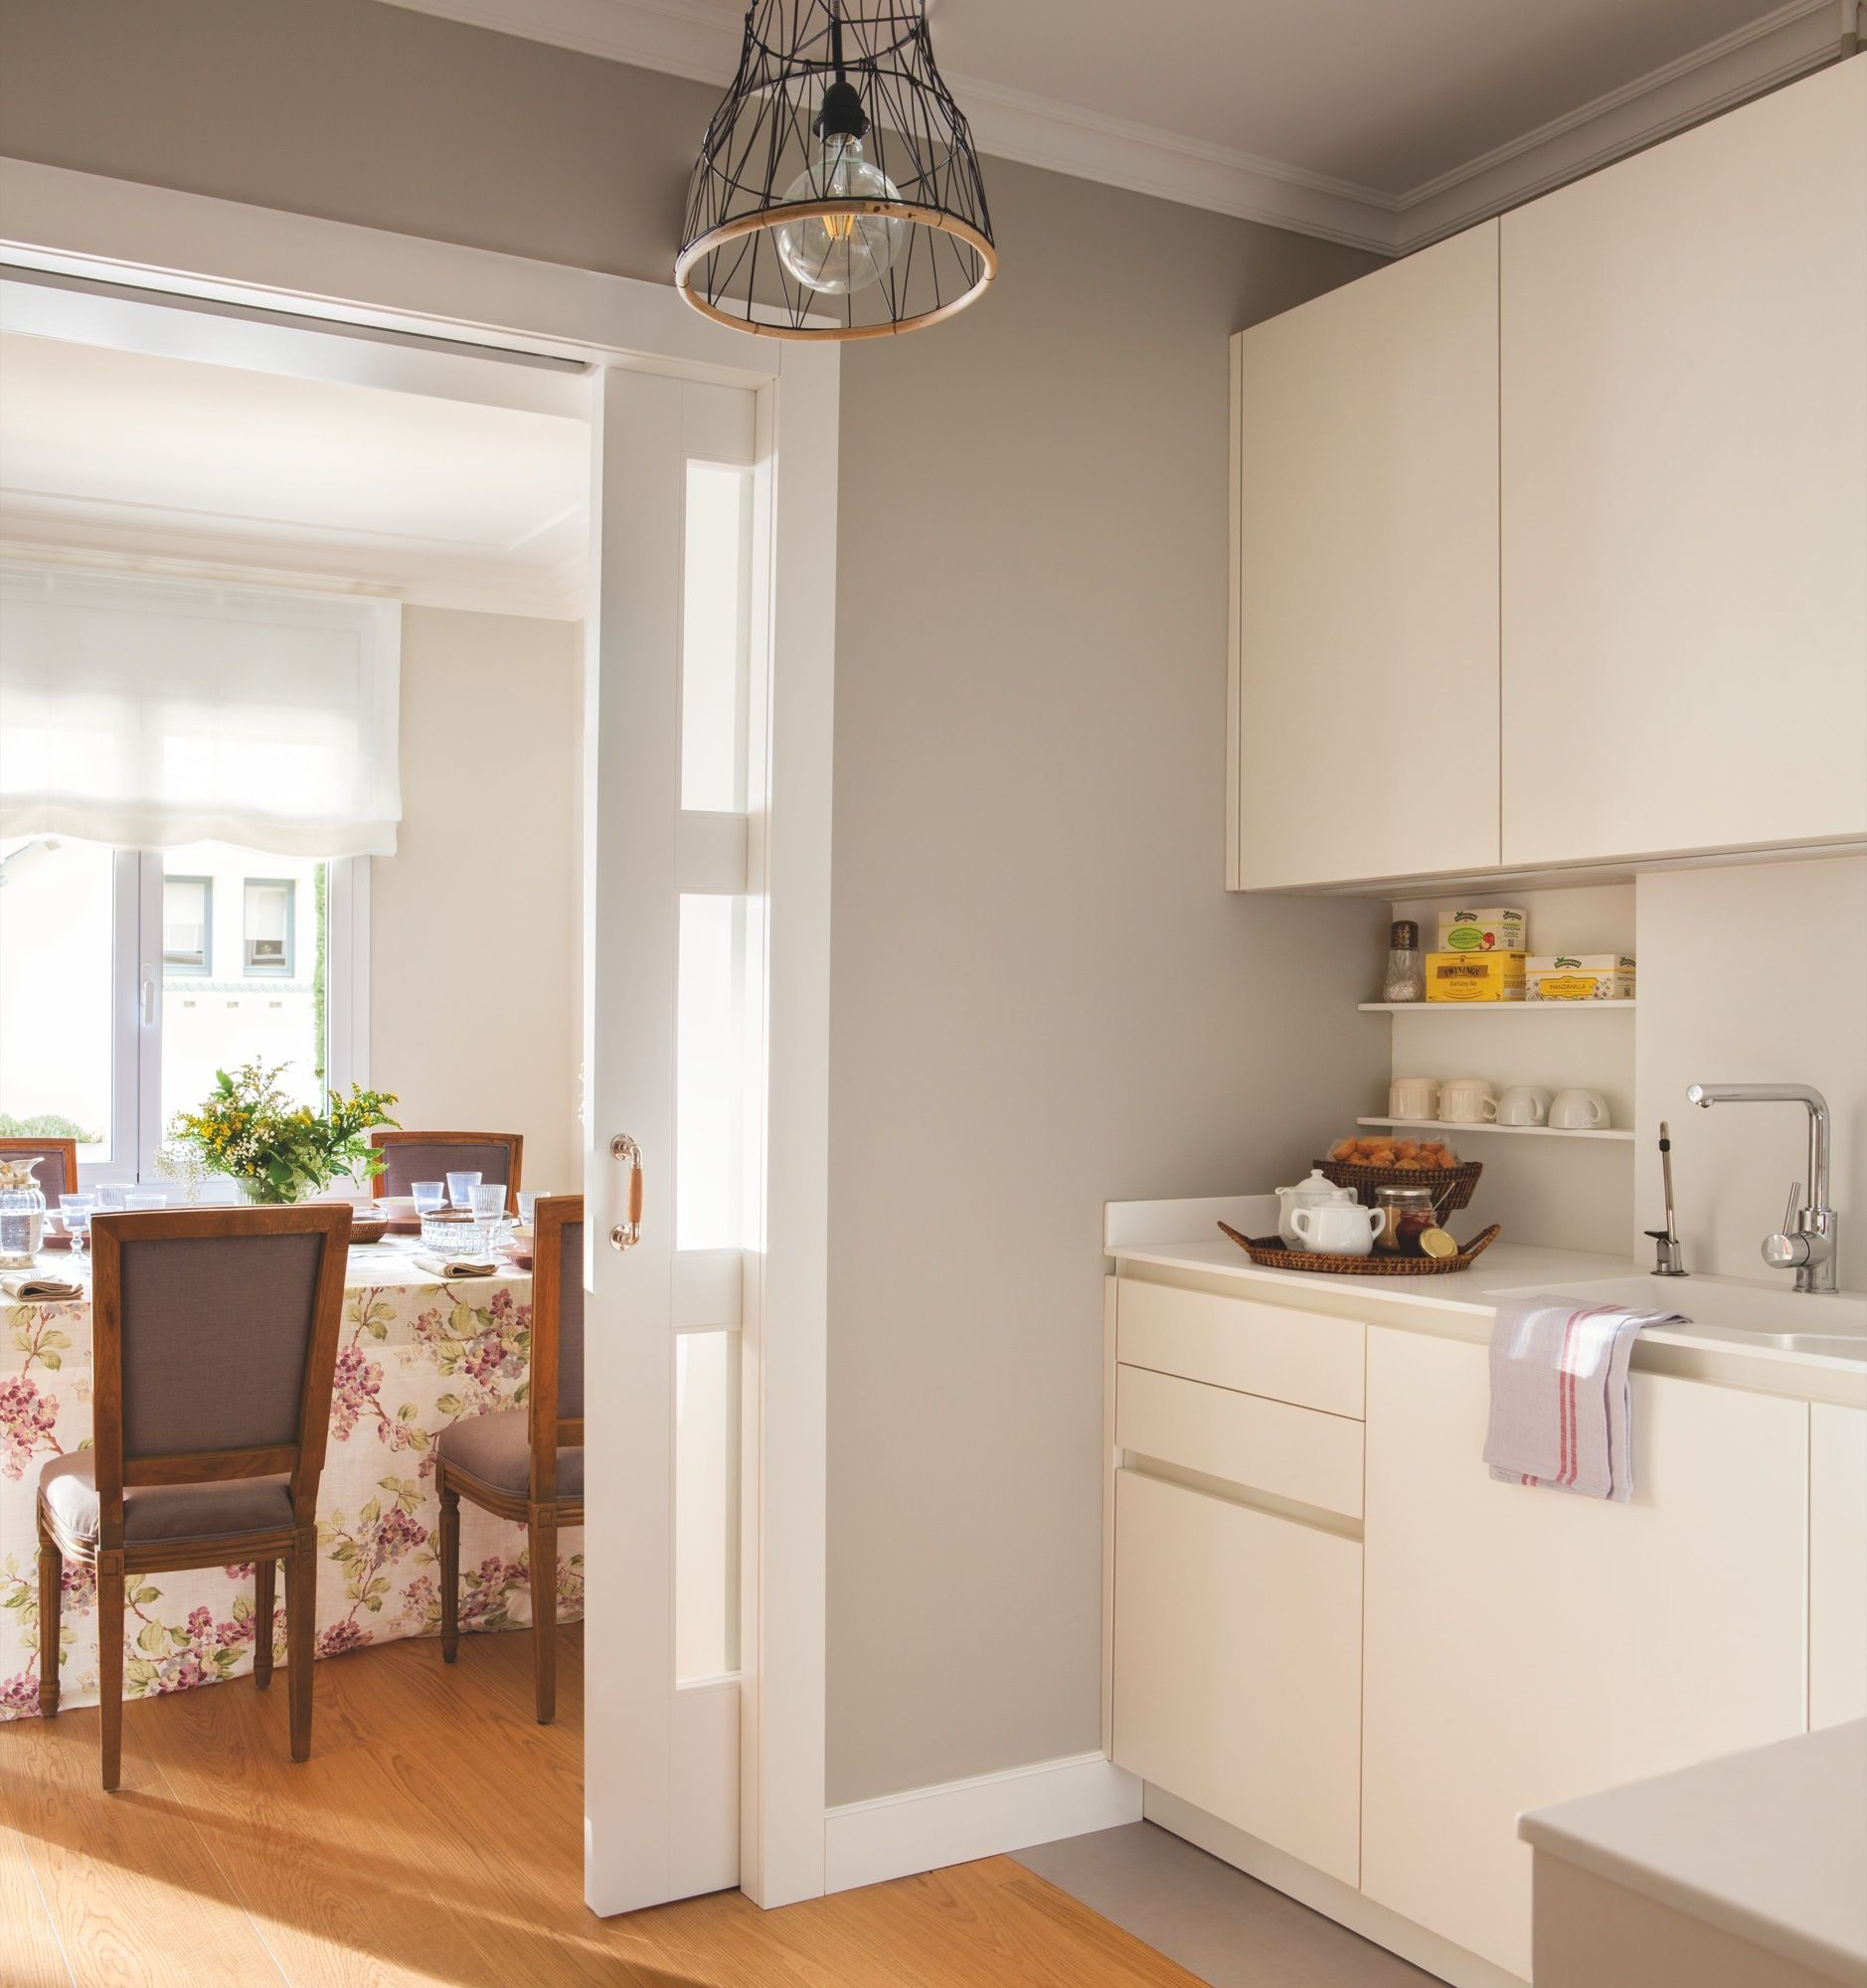 Cocina Con Muebles Blancos Paredes Grises Y Puerta Corredera Con  # Muebles Blancos